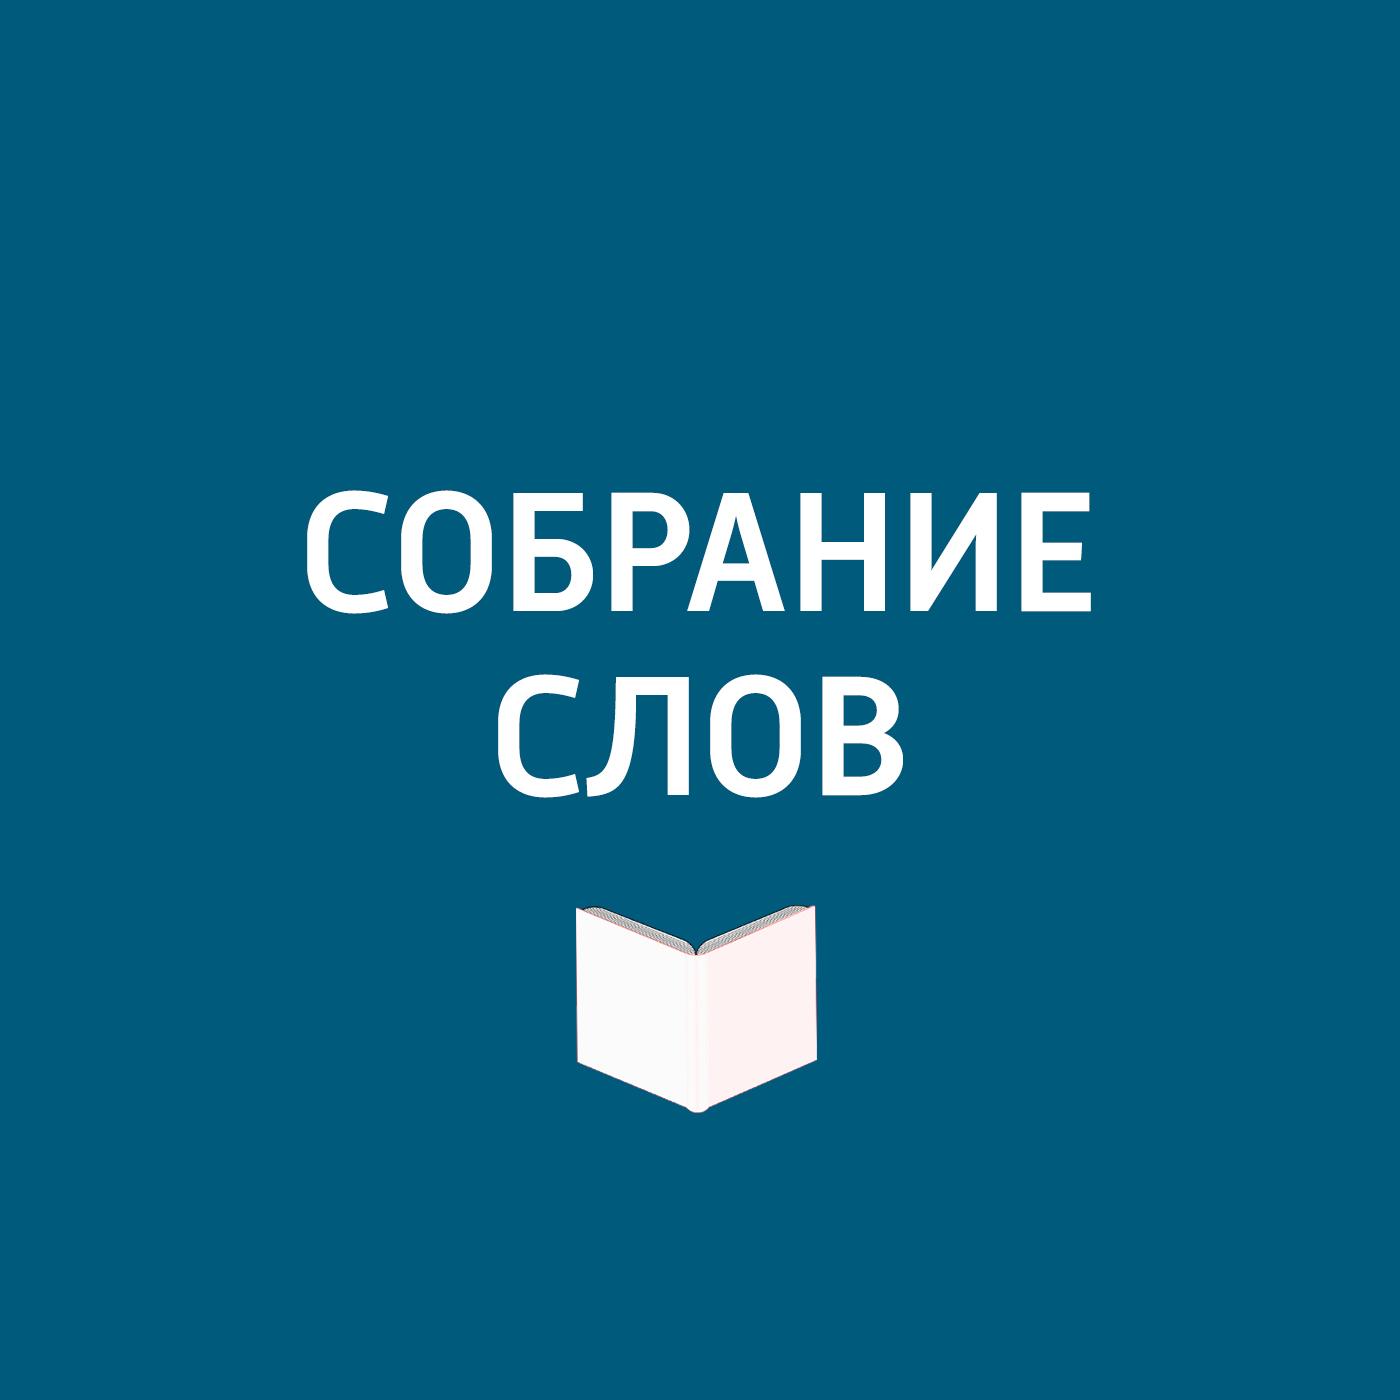 все цены на Творческий коллектив программы «Собрание слов» Большое интервью Вячеслава Петкуна онлайн